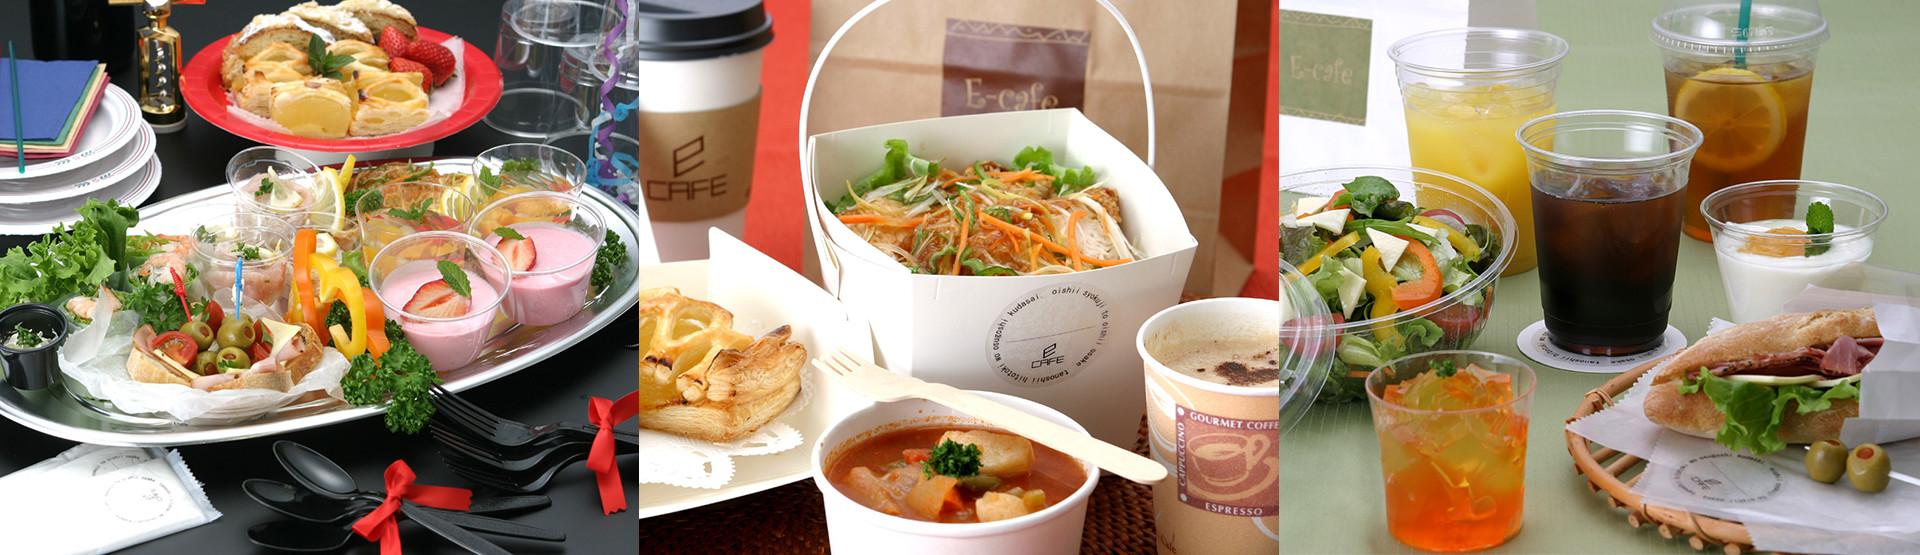 イーカフェサプライは、豊富なカフェ資材・消耗品を低価格でお届けします。